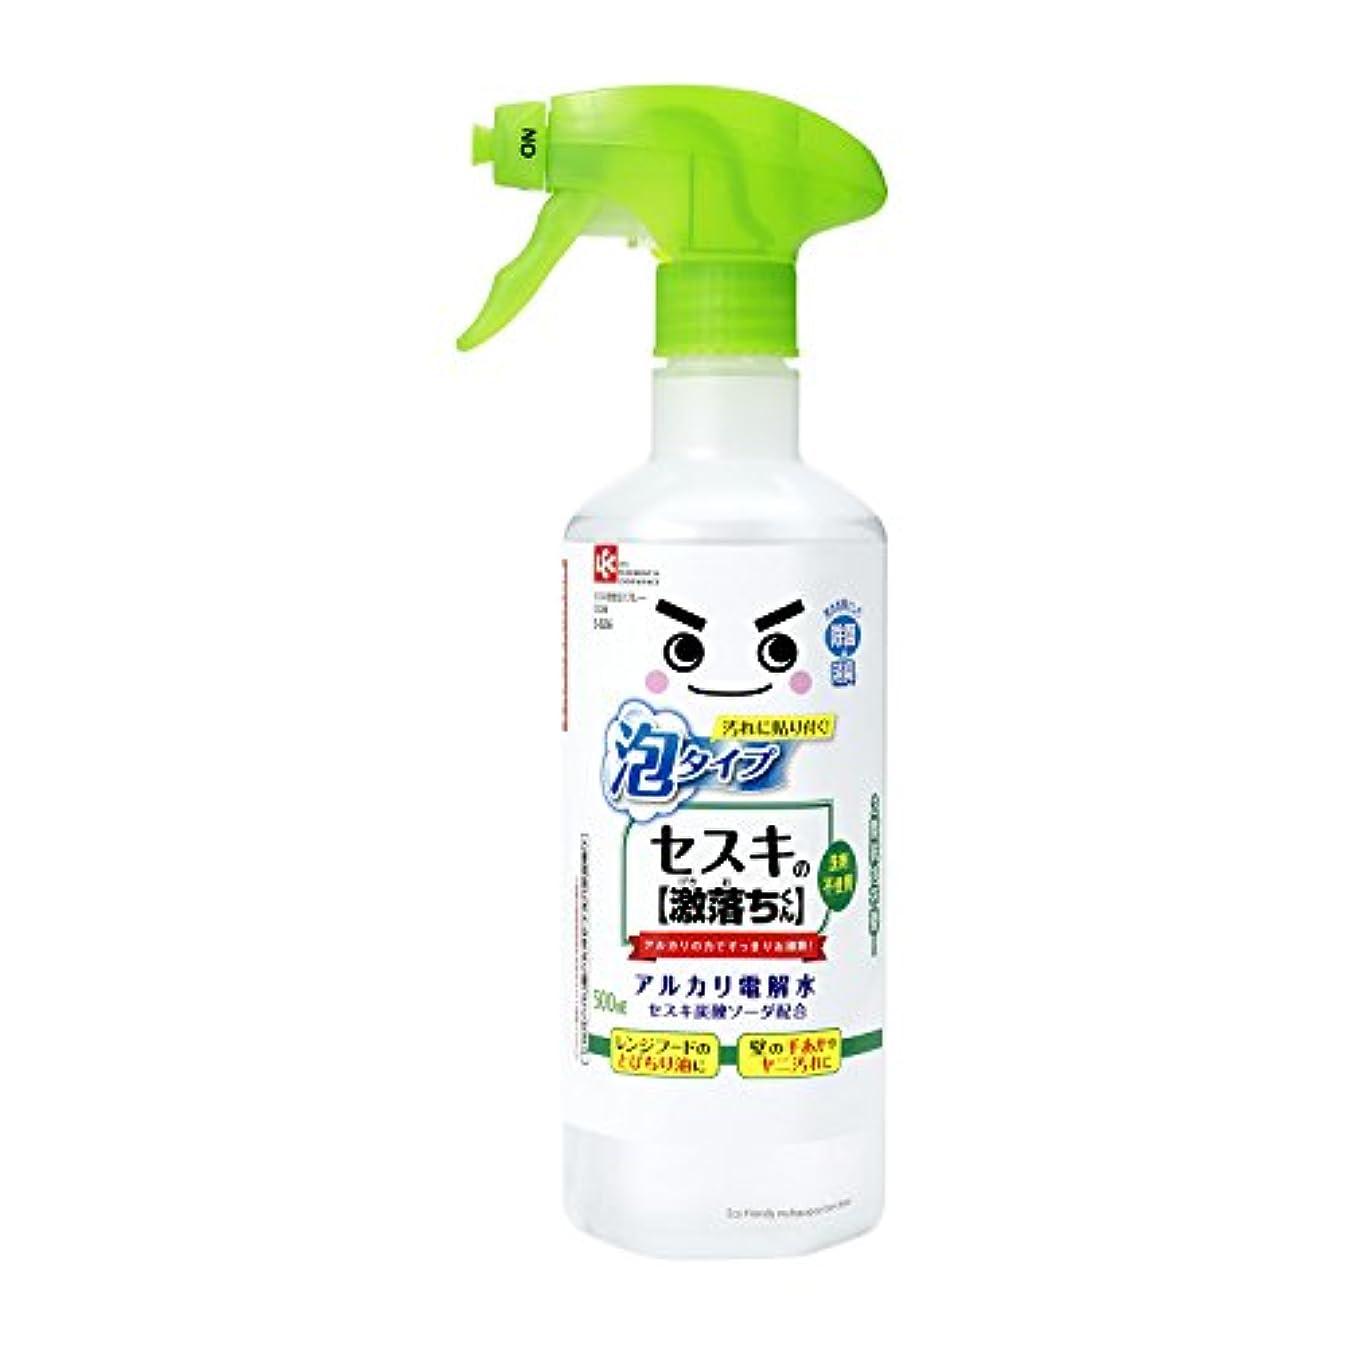 く寄託年金セスキの激落ちくん 密着泡スプレー 洗剤 500ml (アルカリ電解水 + セスキ炭酸ソーダ)